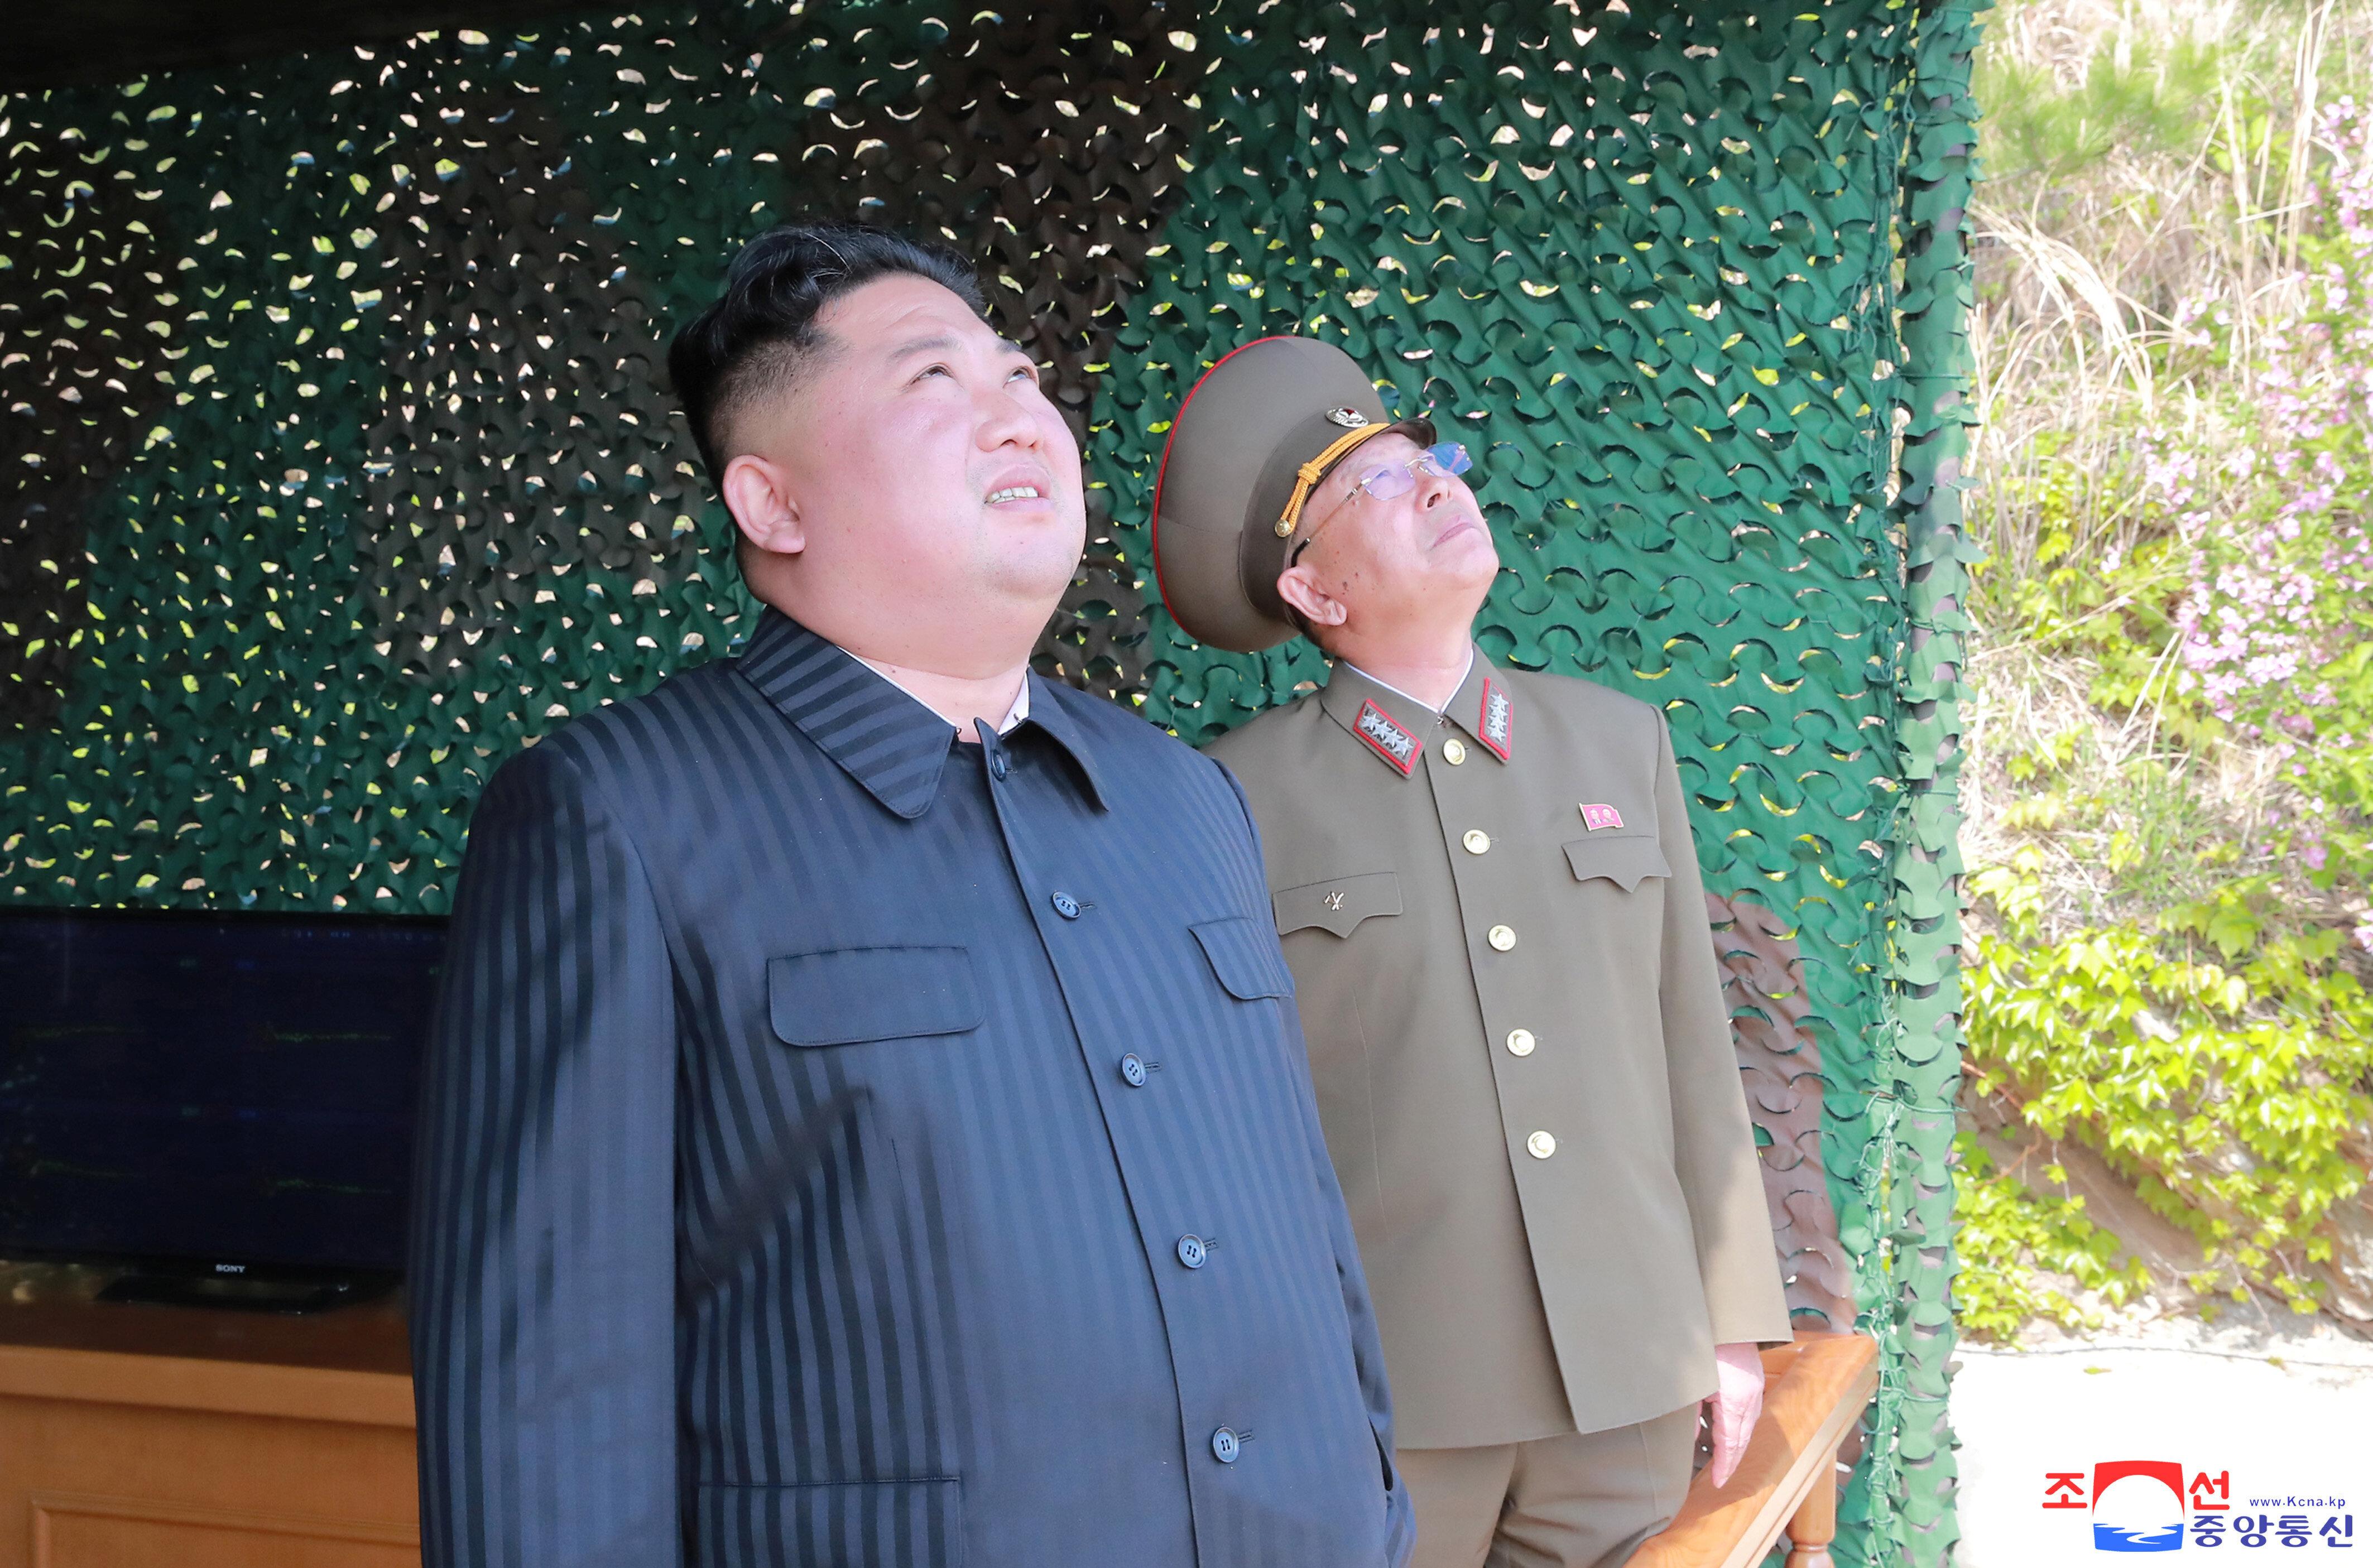 Η Βόρεια Κορέα ανακοίνωσε τη δοκιμή πολλαπλών εκτοξευτήρων πυραύλων μεγάλου